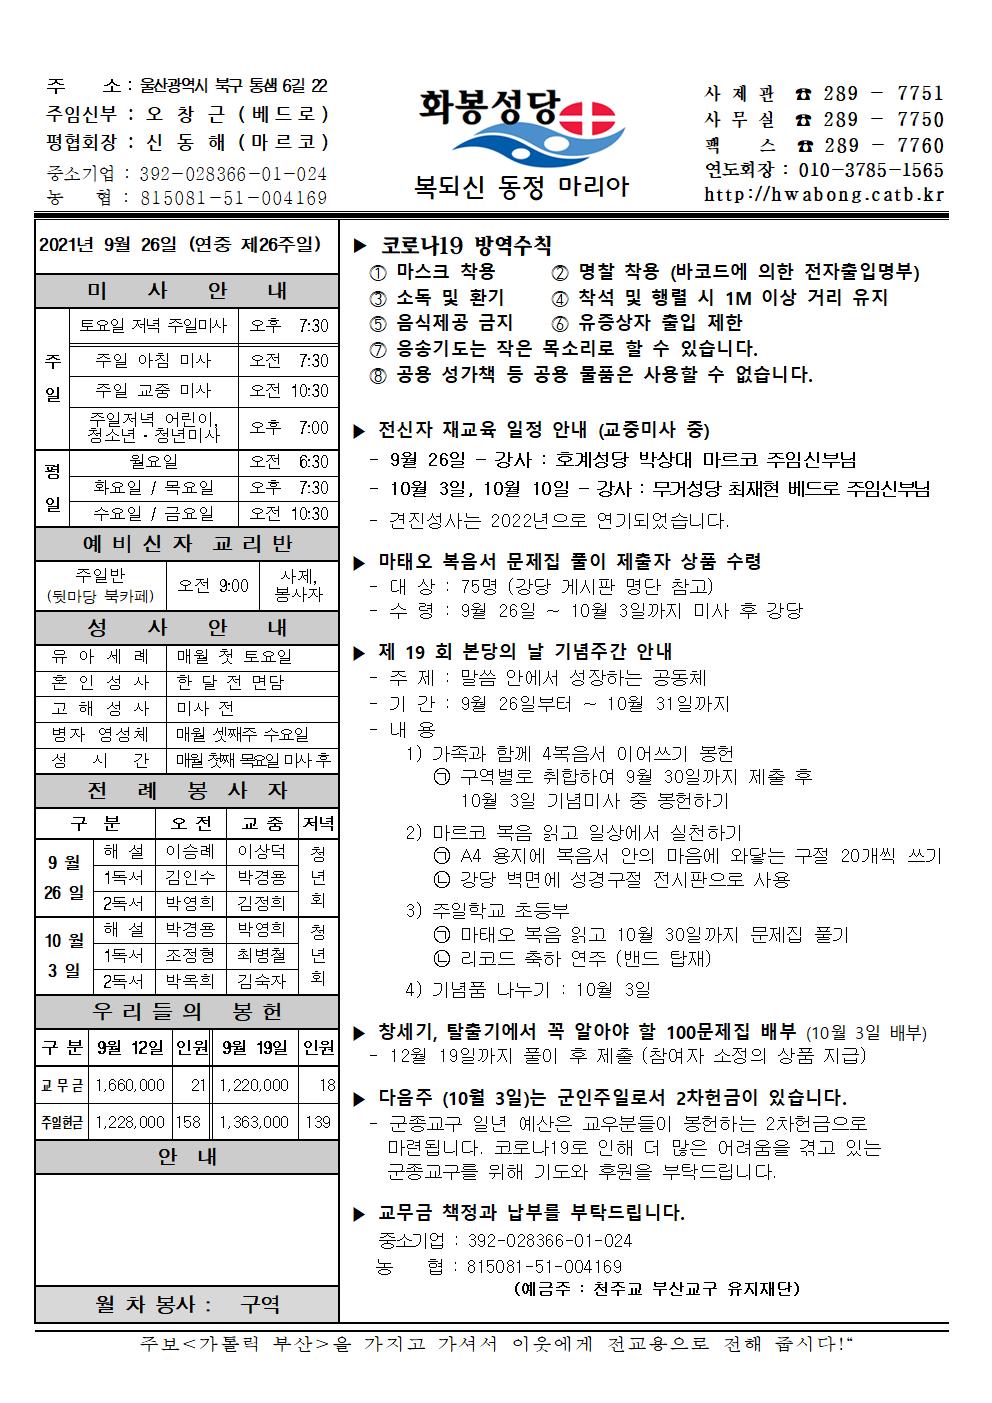 화봉성당 20210926 주보.png